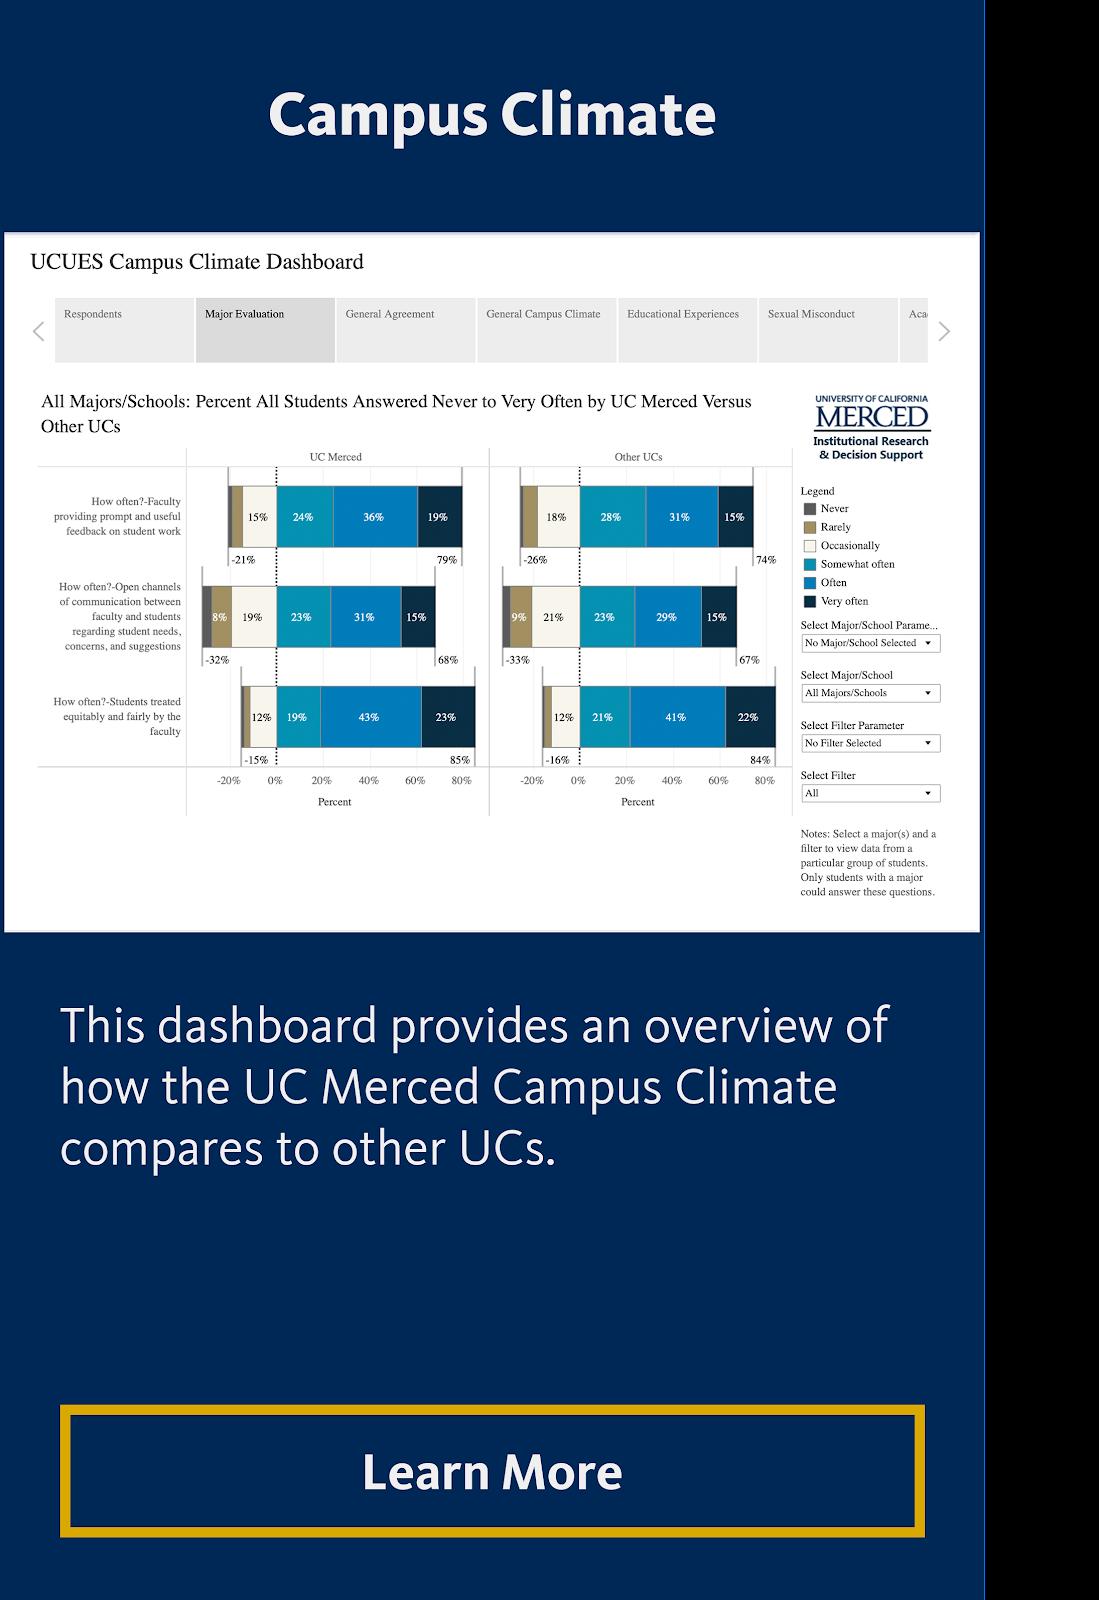 2018 Campus Climate